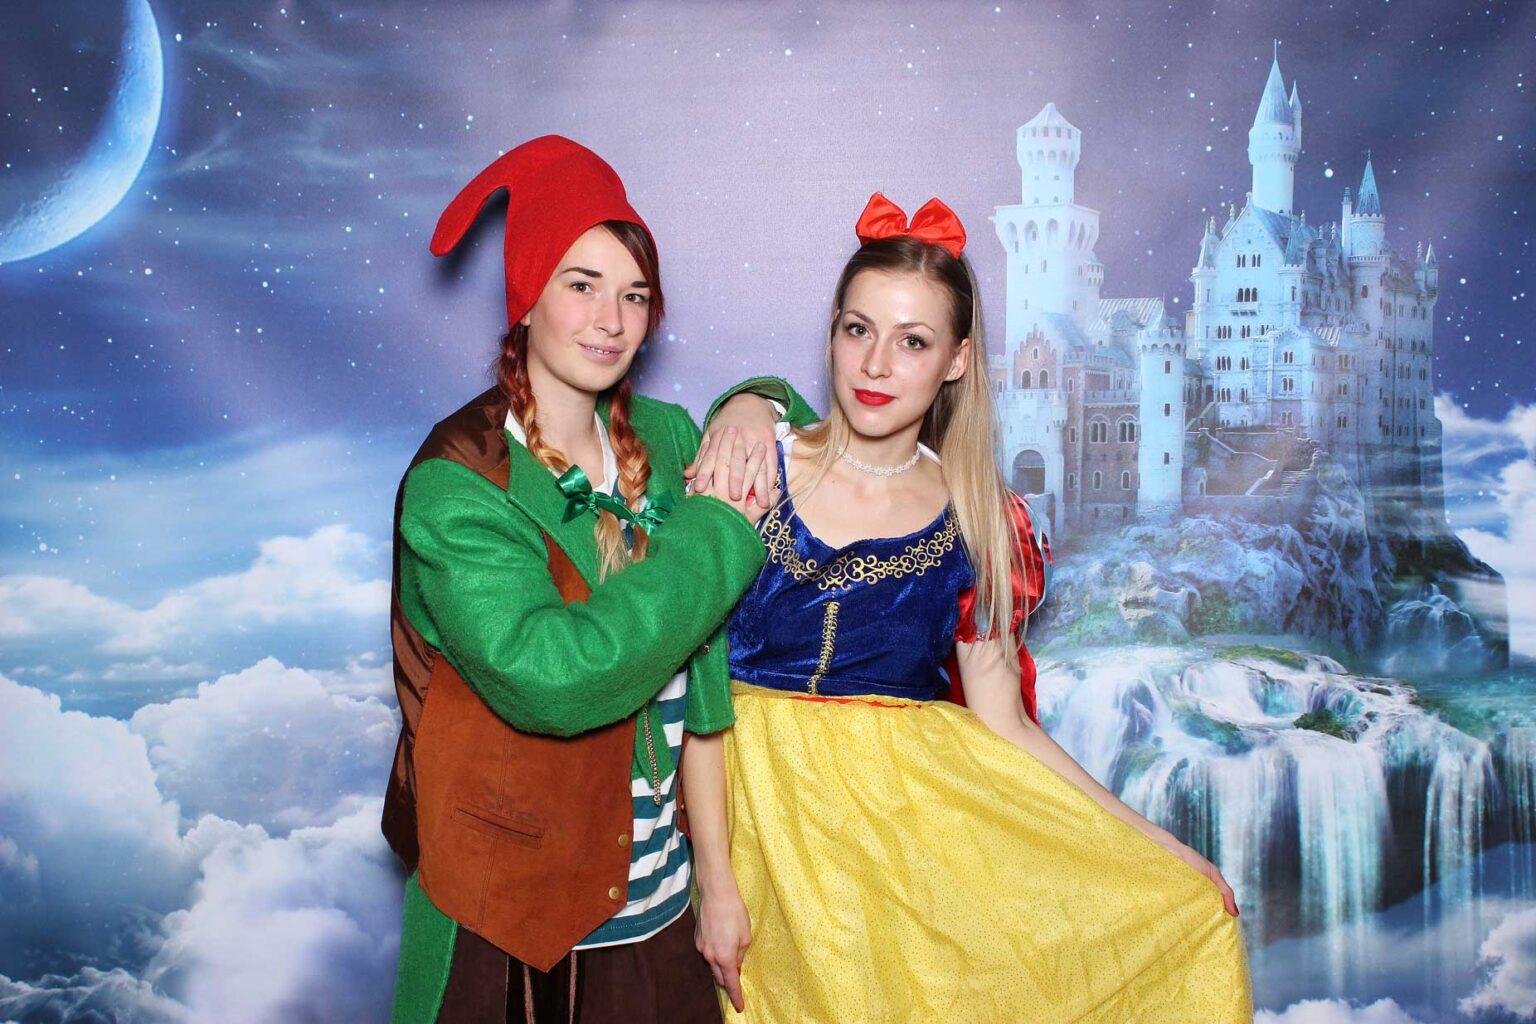 Pozadie Rozprávkový hrad - fotokútik fantasy event.